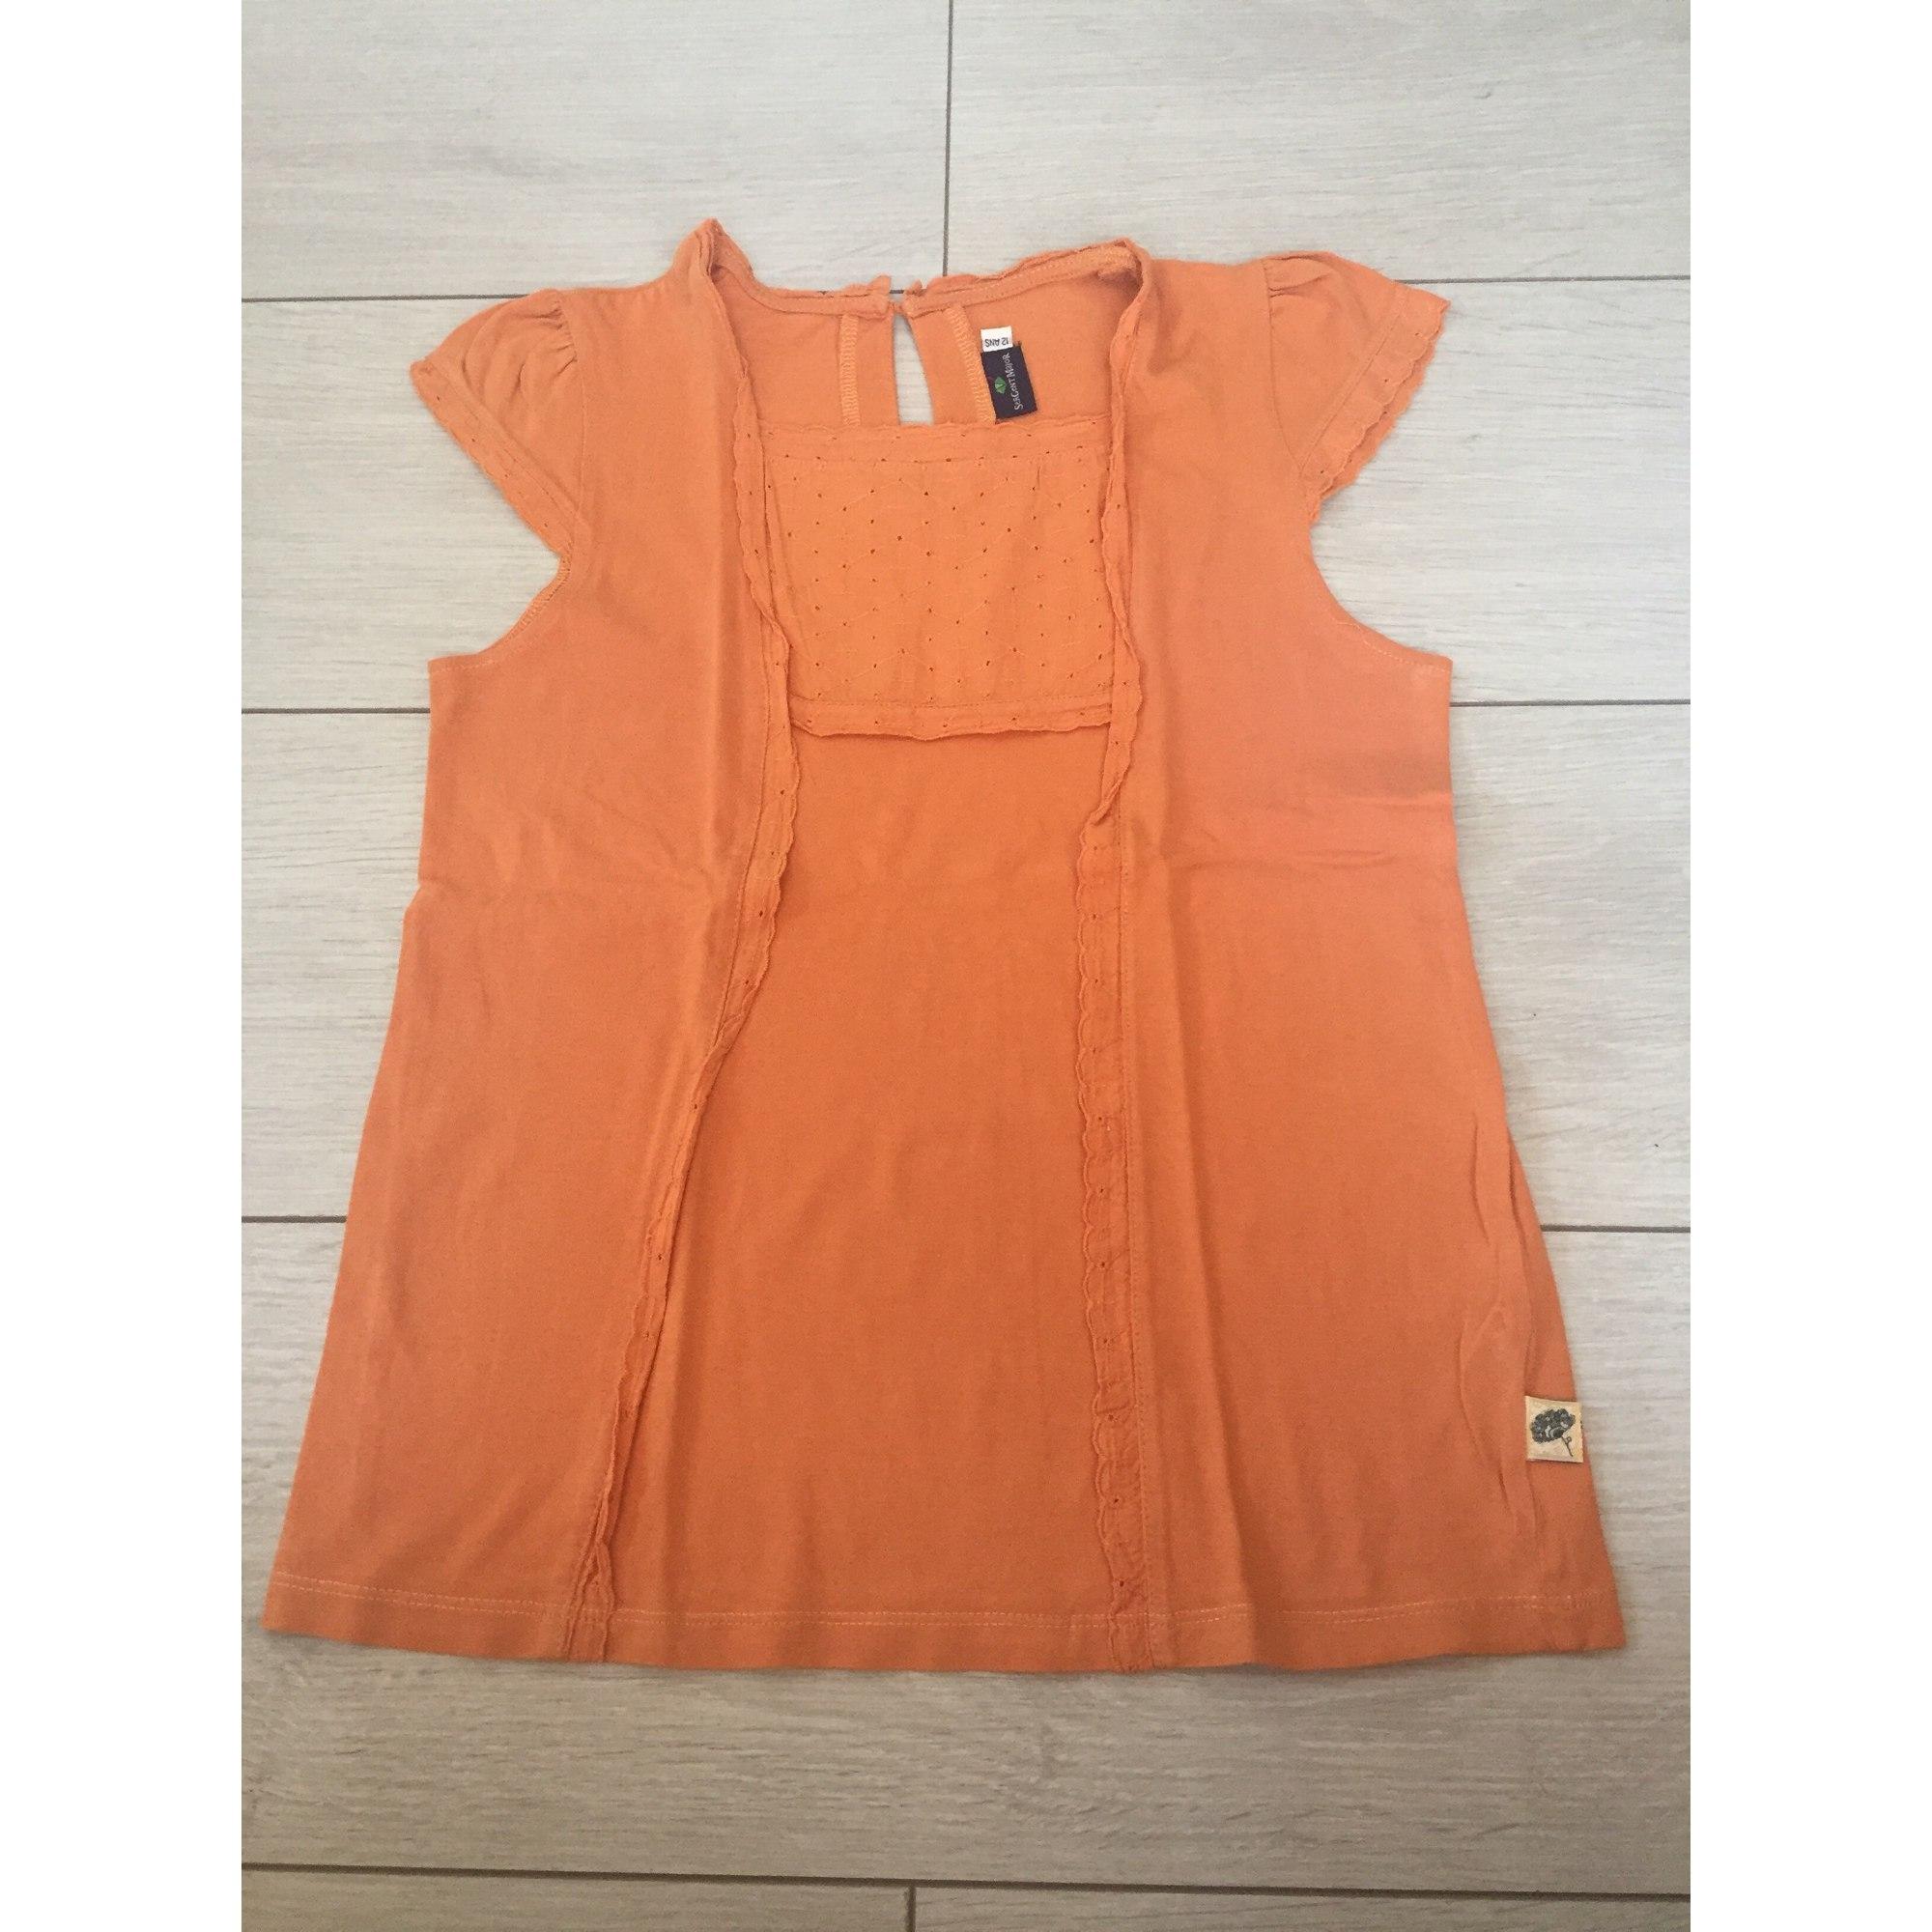 Top, Tee-shirt SERGENT MAJOR Orange